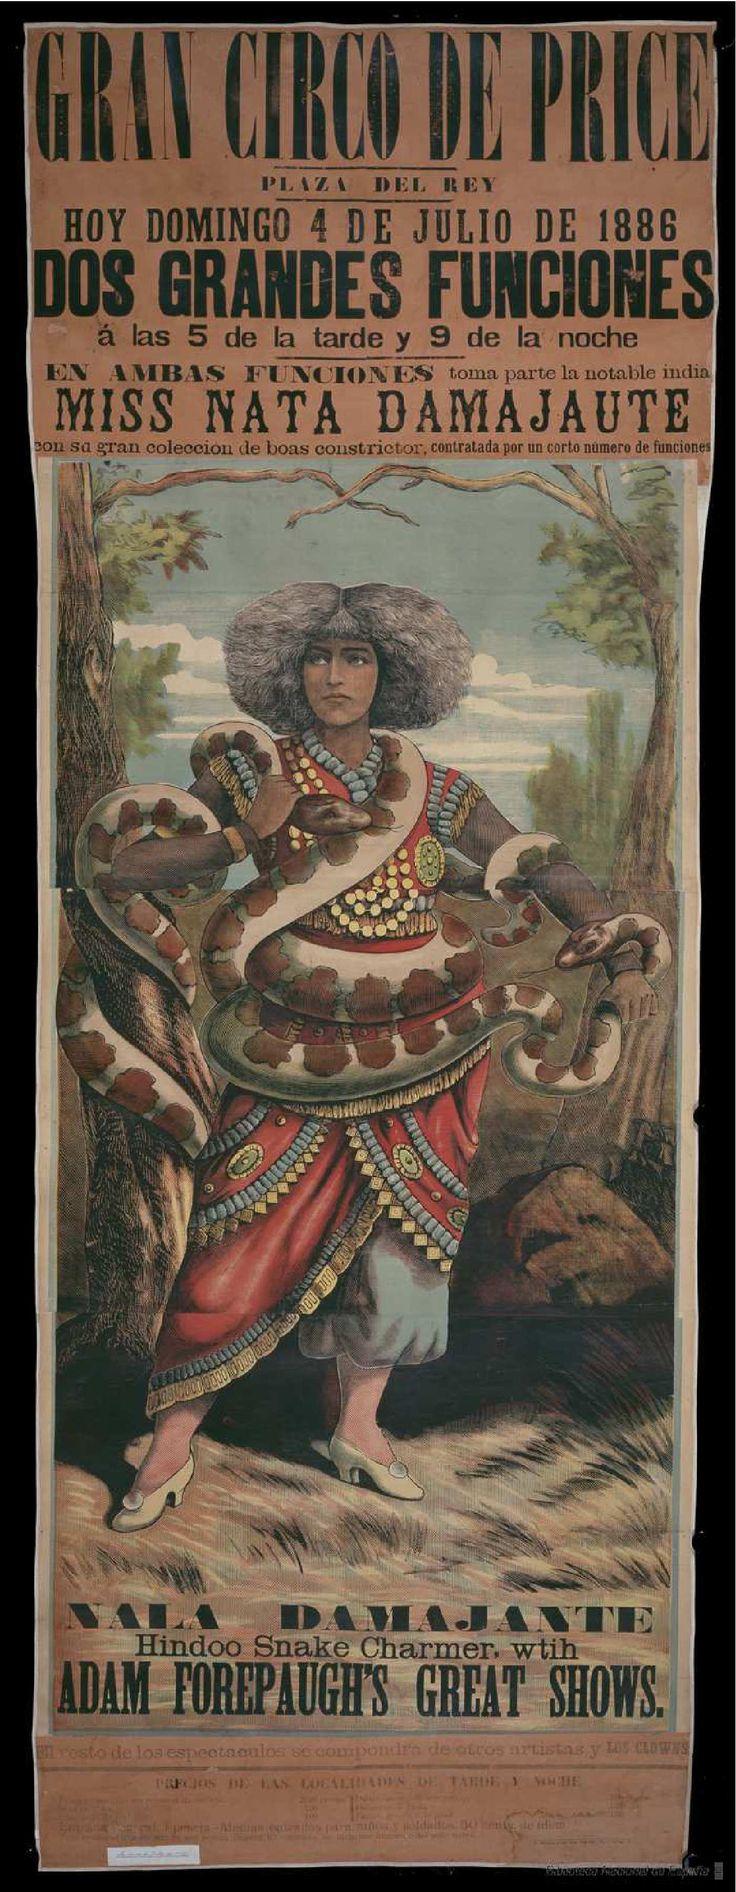 Miss Nata Damajaute. Circo Price — Dibujos, grabados y fotografías — 1886